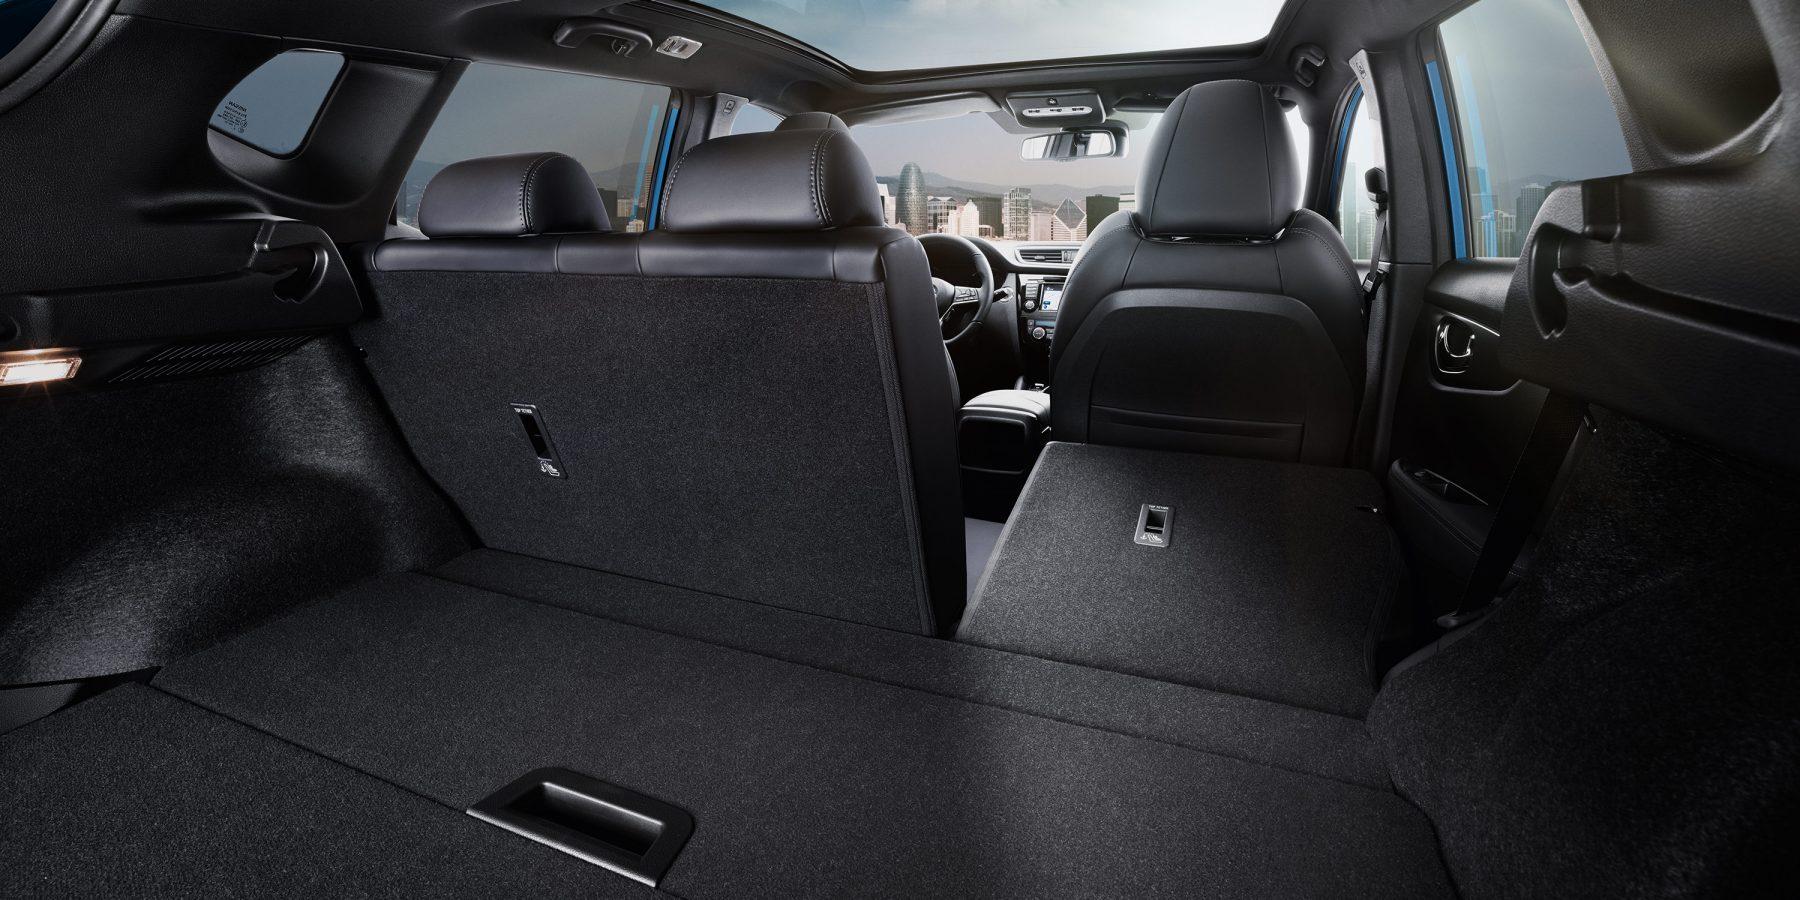 Конфигурация багажника для рационального хранения в Nissan QASHQAI